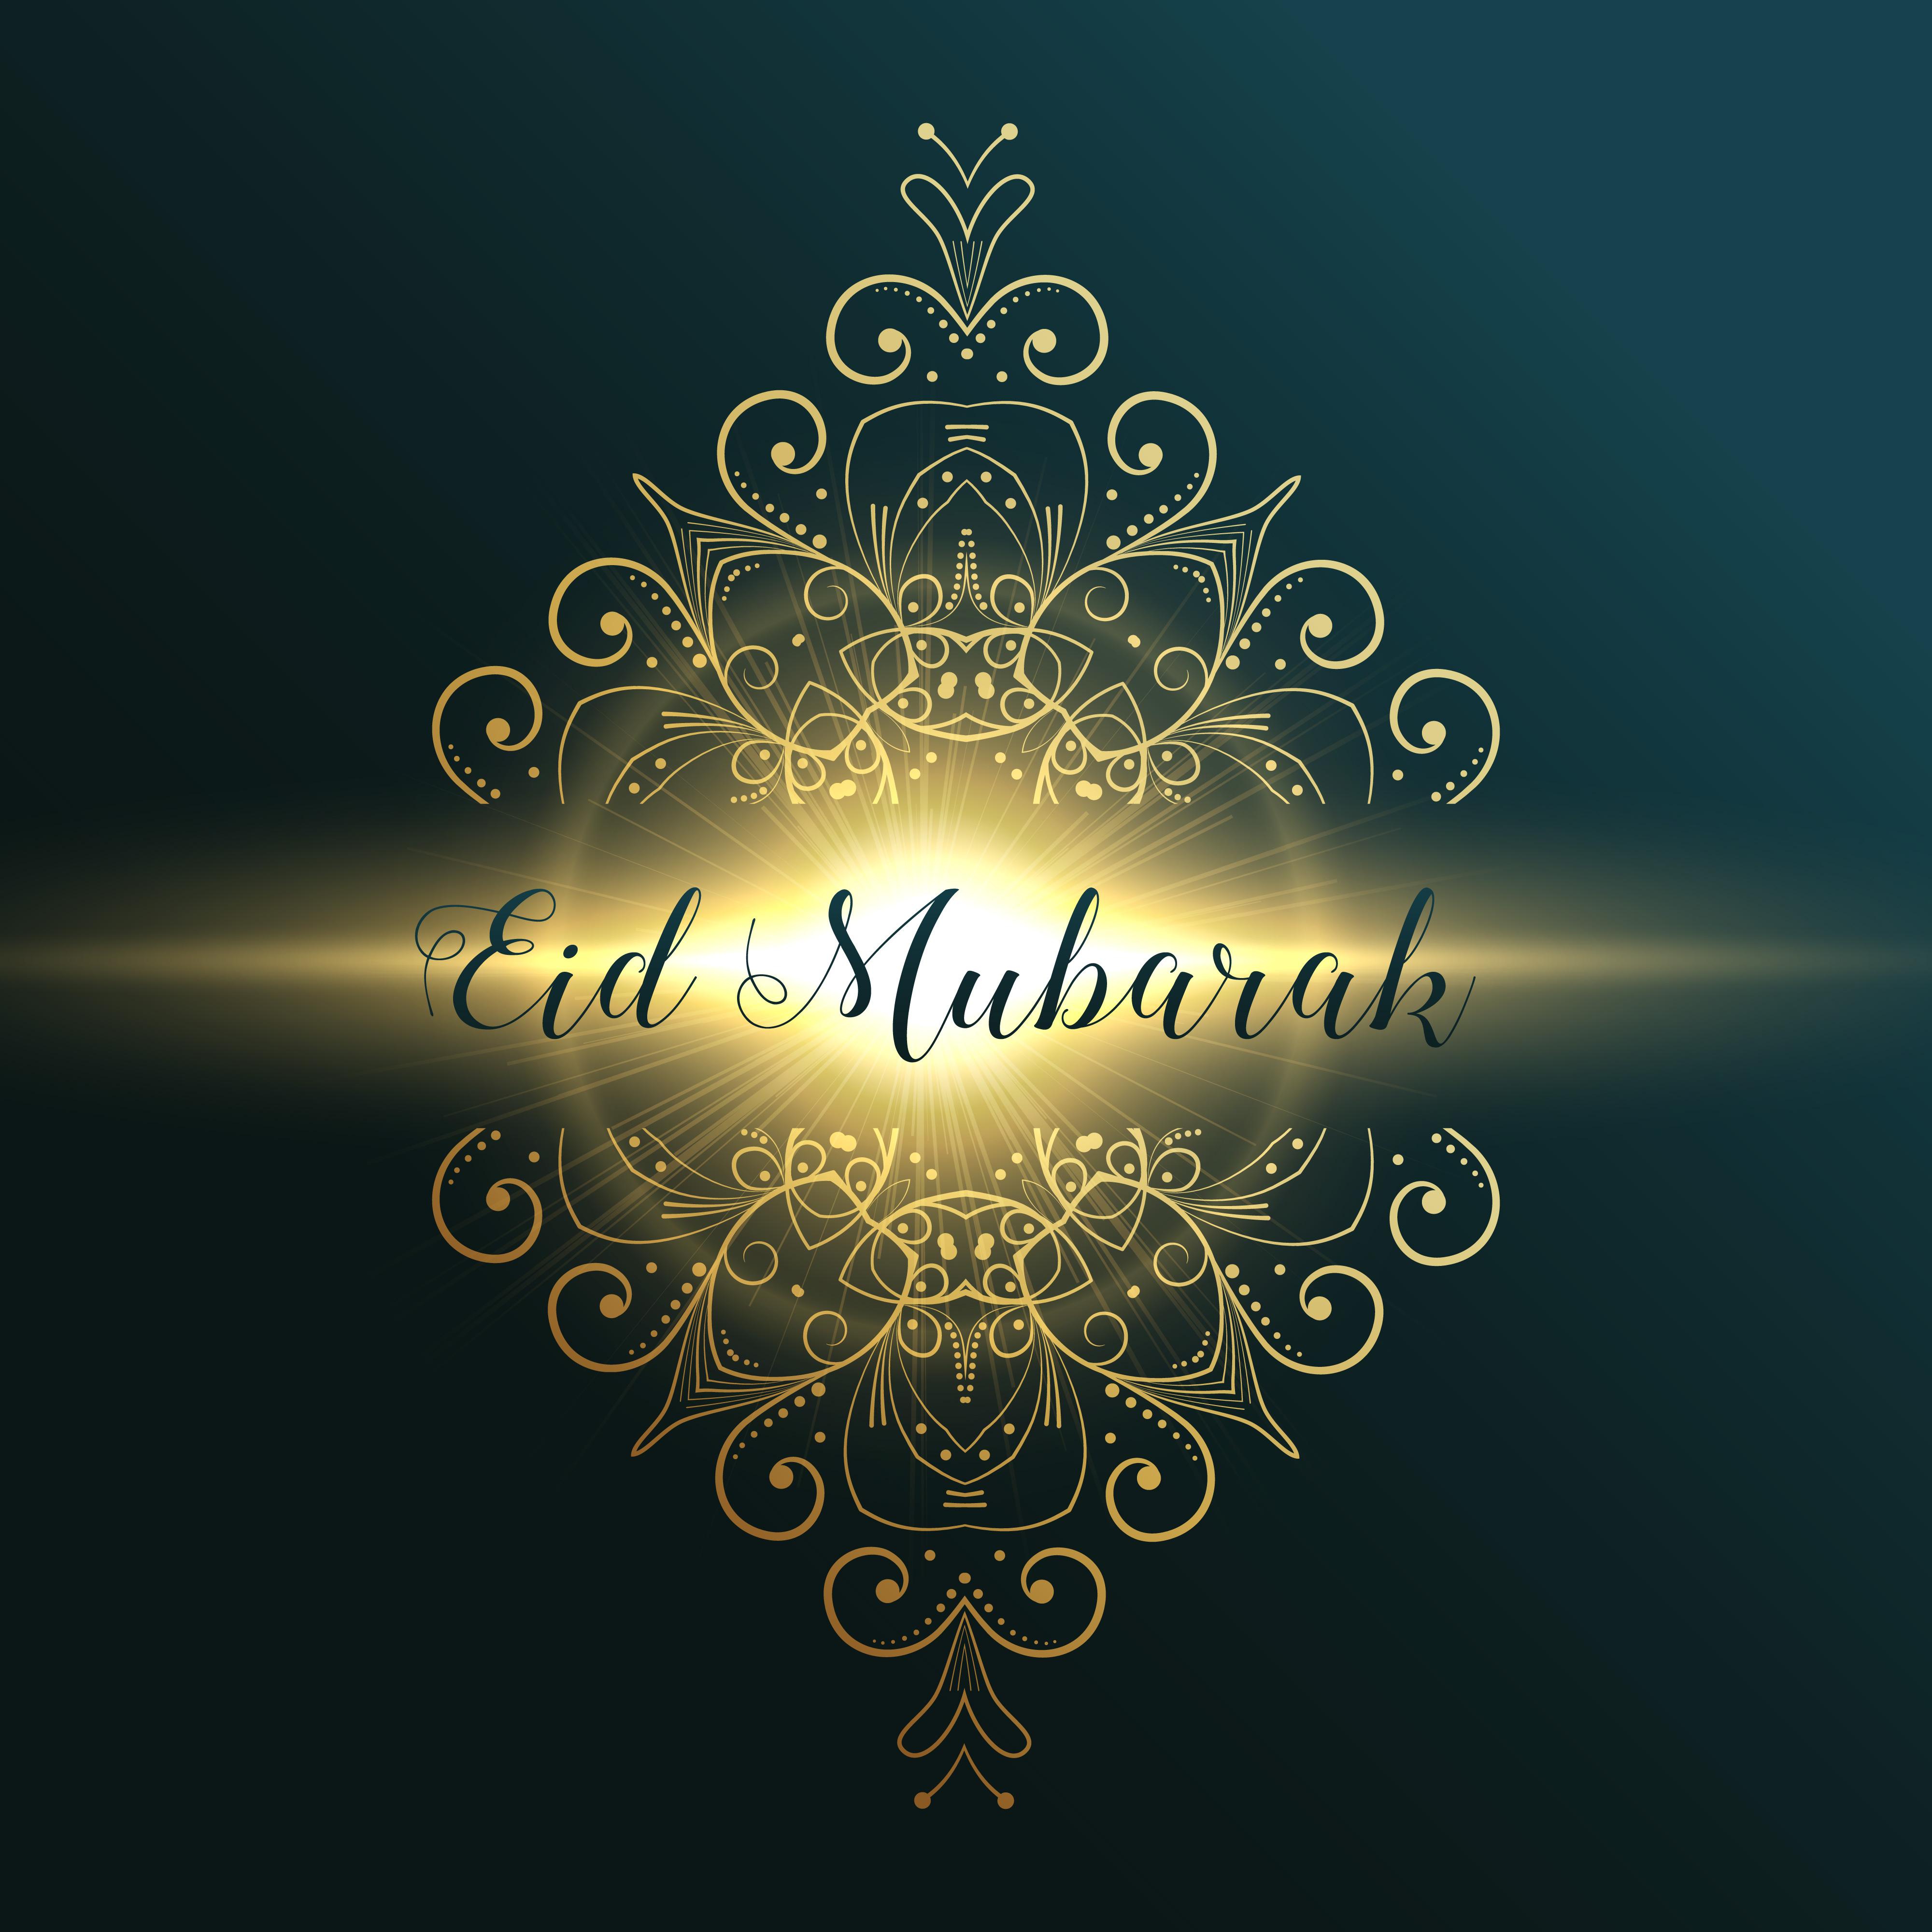 Eid Mubarak Muslim Festival Greeting Card Design With Floral Dec